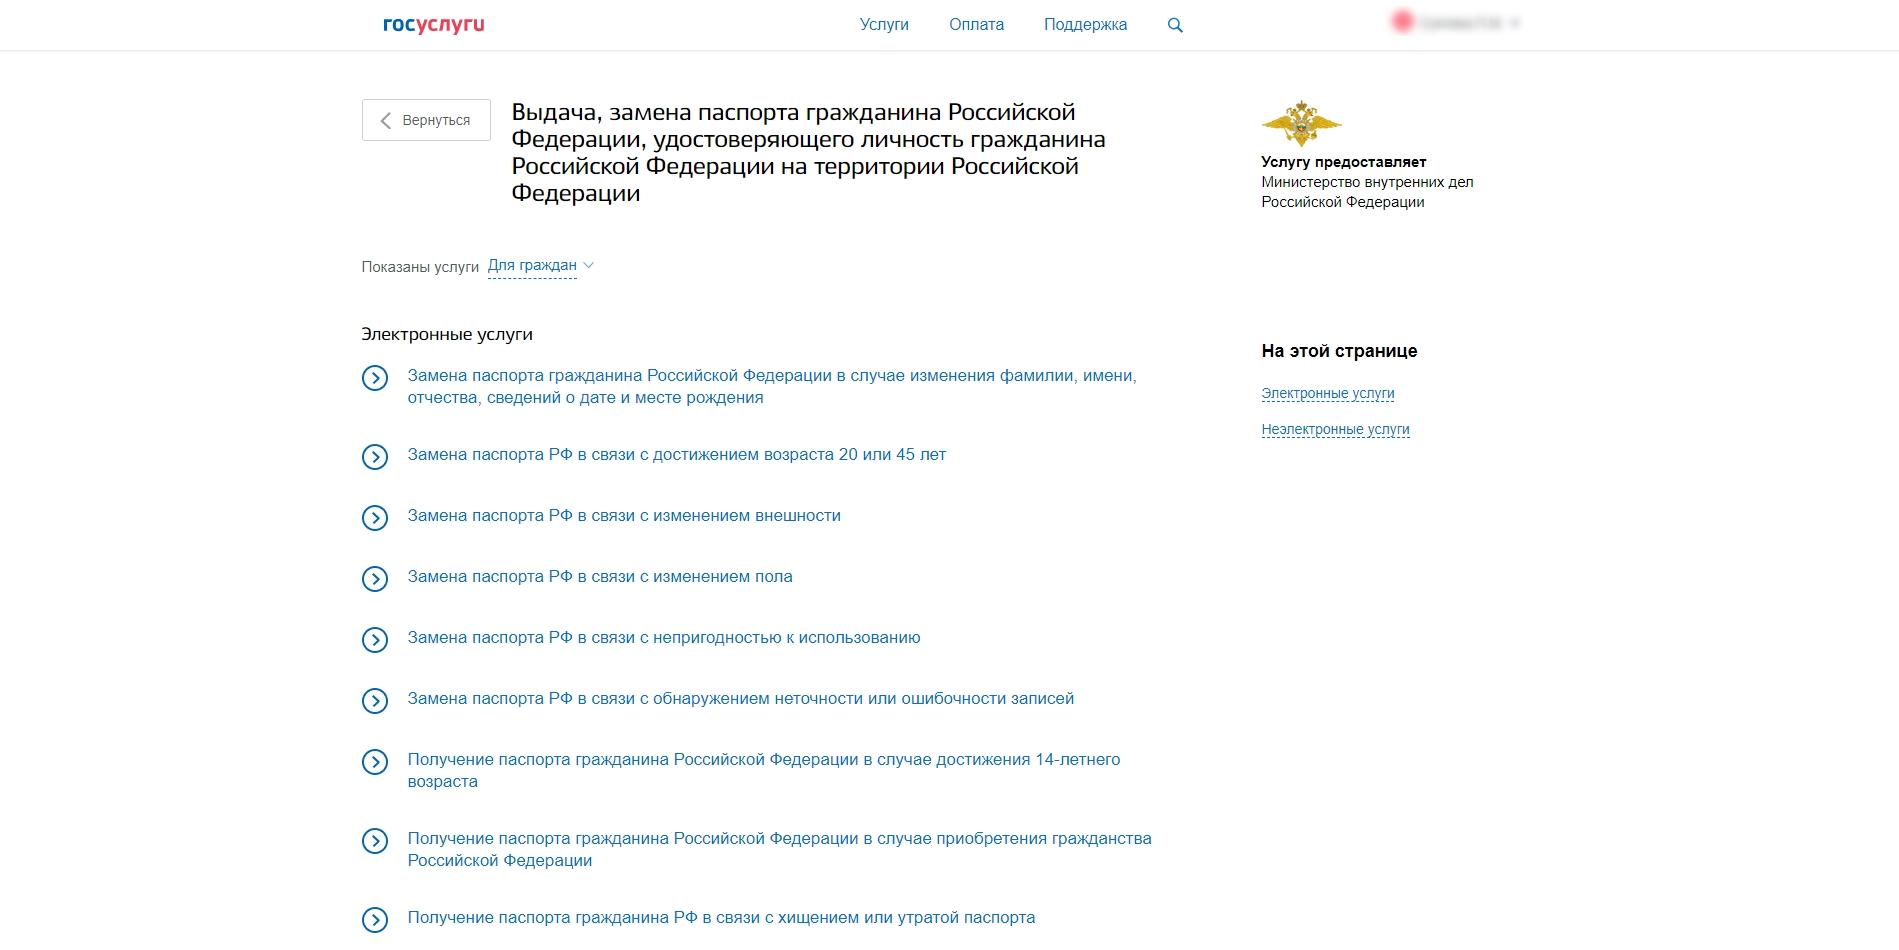 Замена паспорта граждан РФ по возрасту